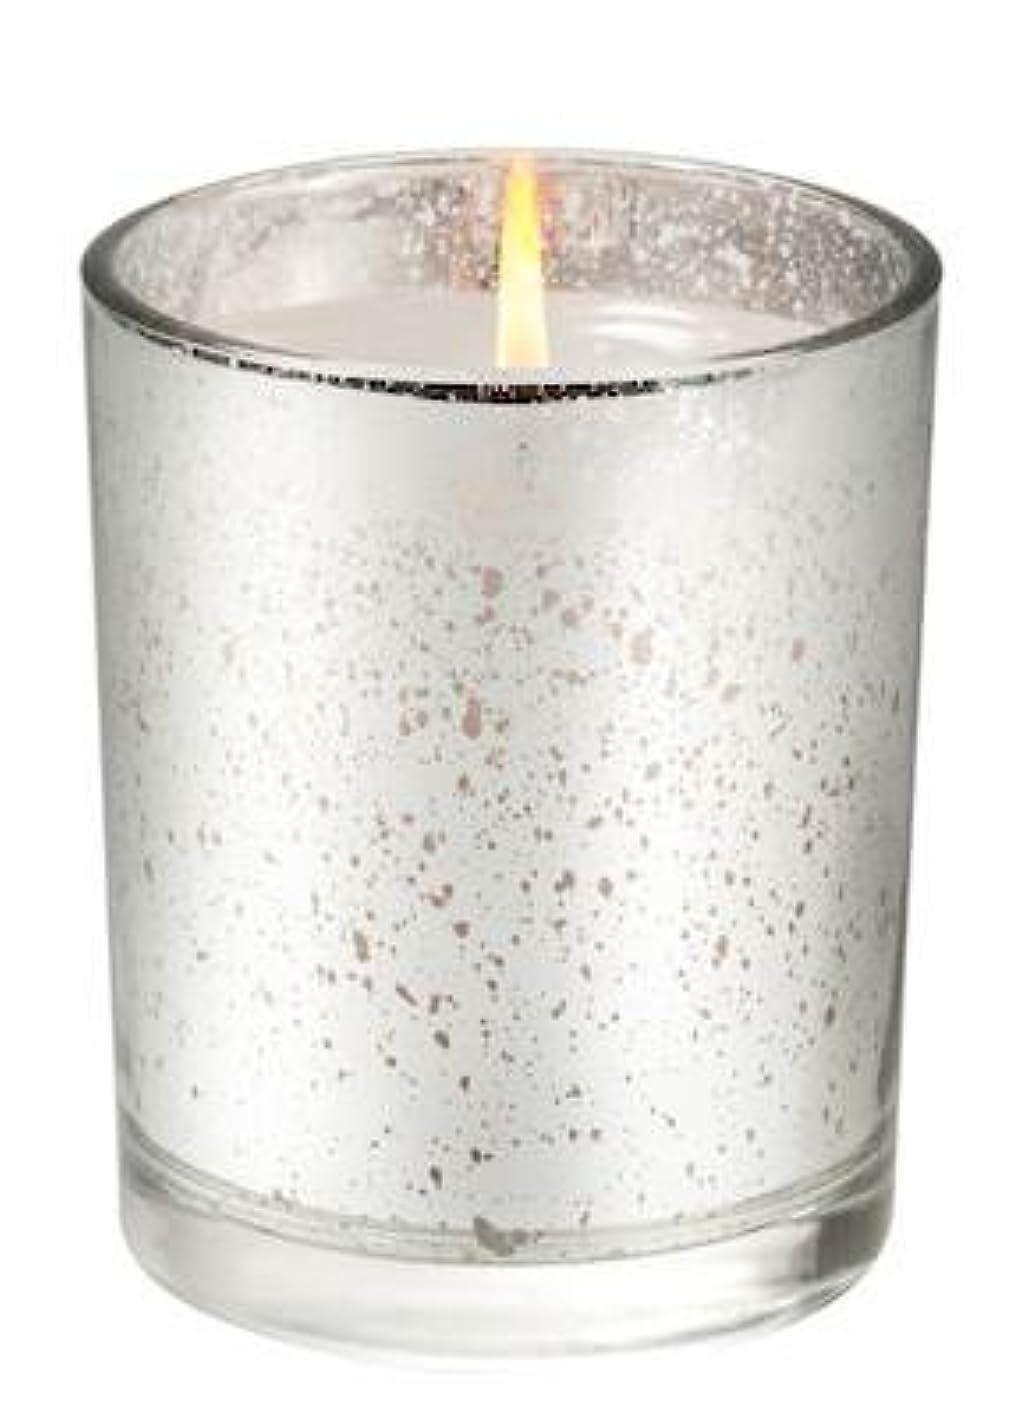 予知希望に満ちた時Smell of Spring 370ml (354g) Metallic Candle